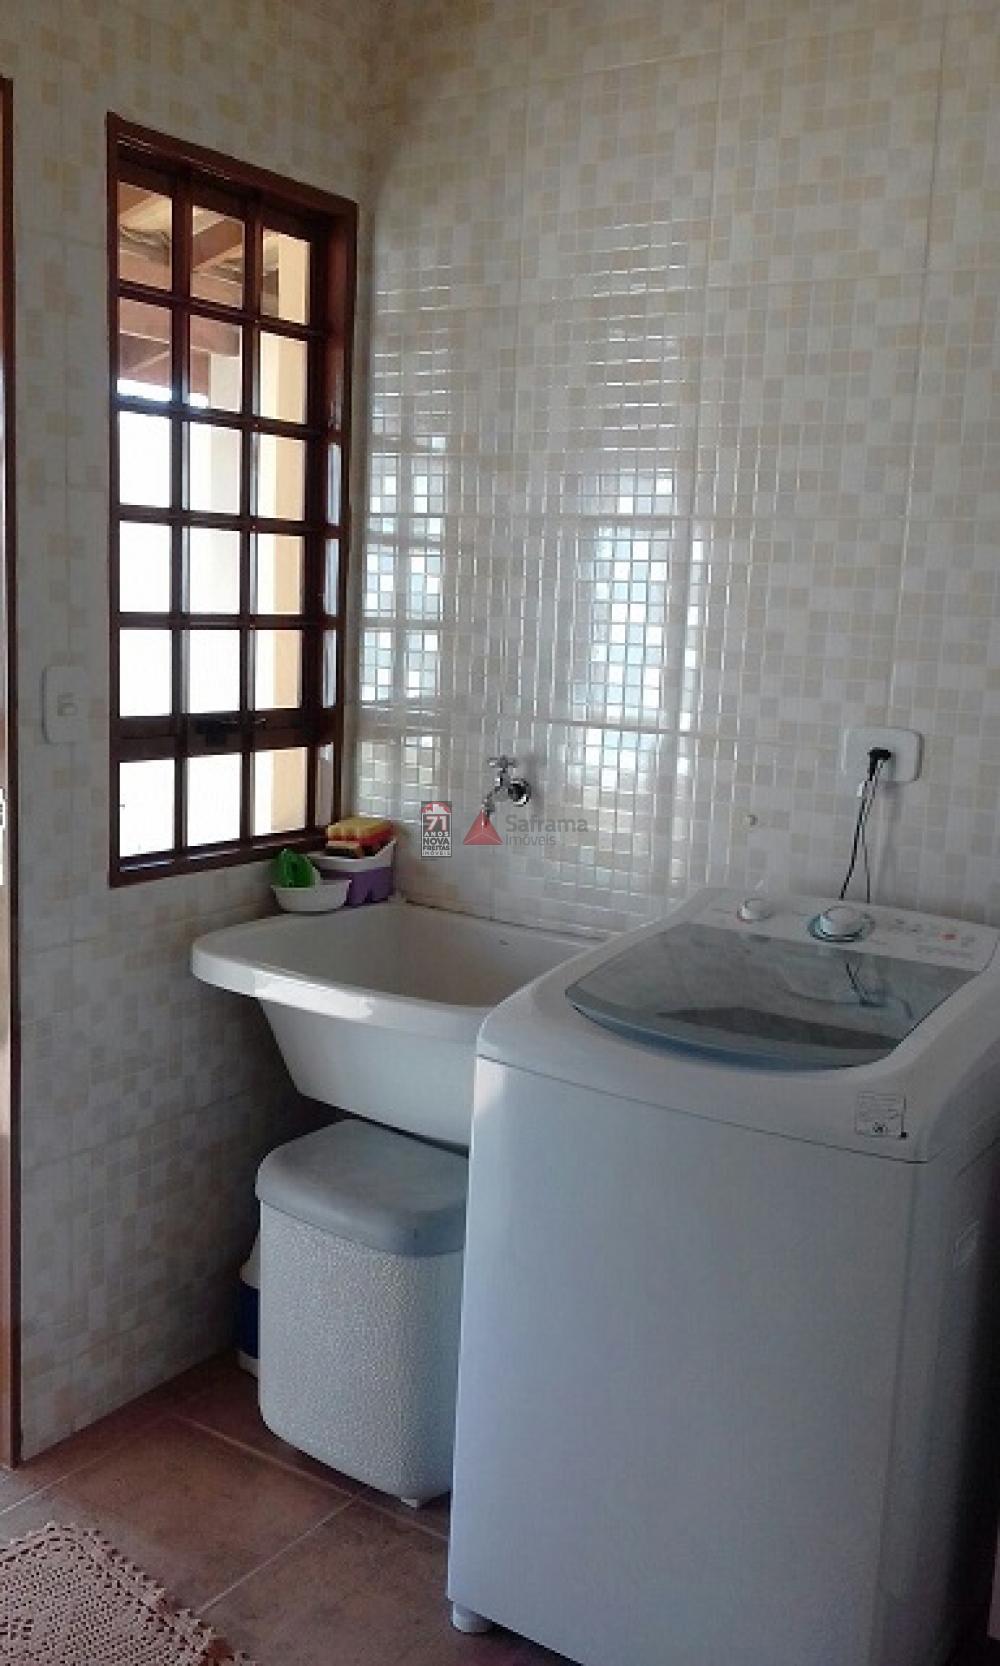 Comprar Casa / Padrão em Pindamonhangaba apenas R$ 590.000,00 - Foto 9